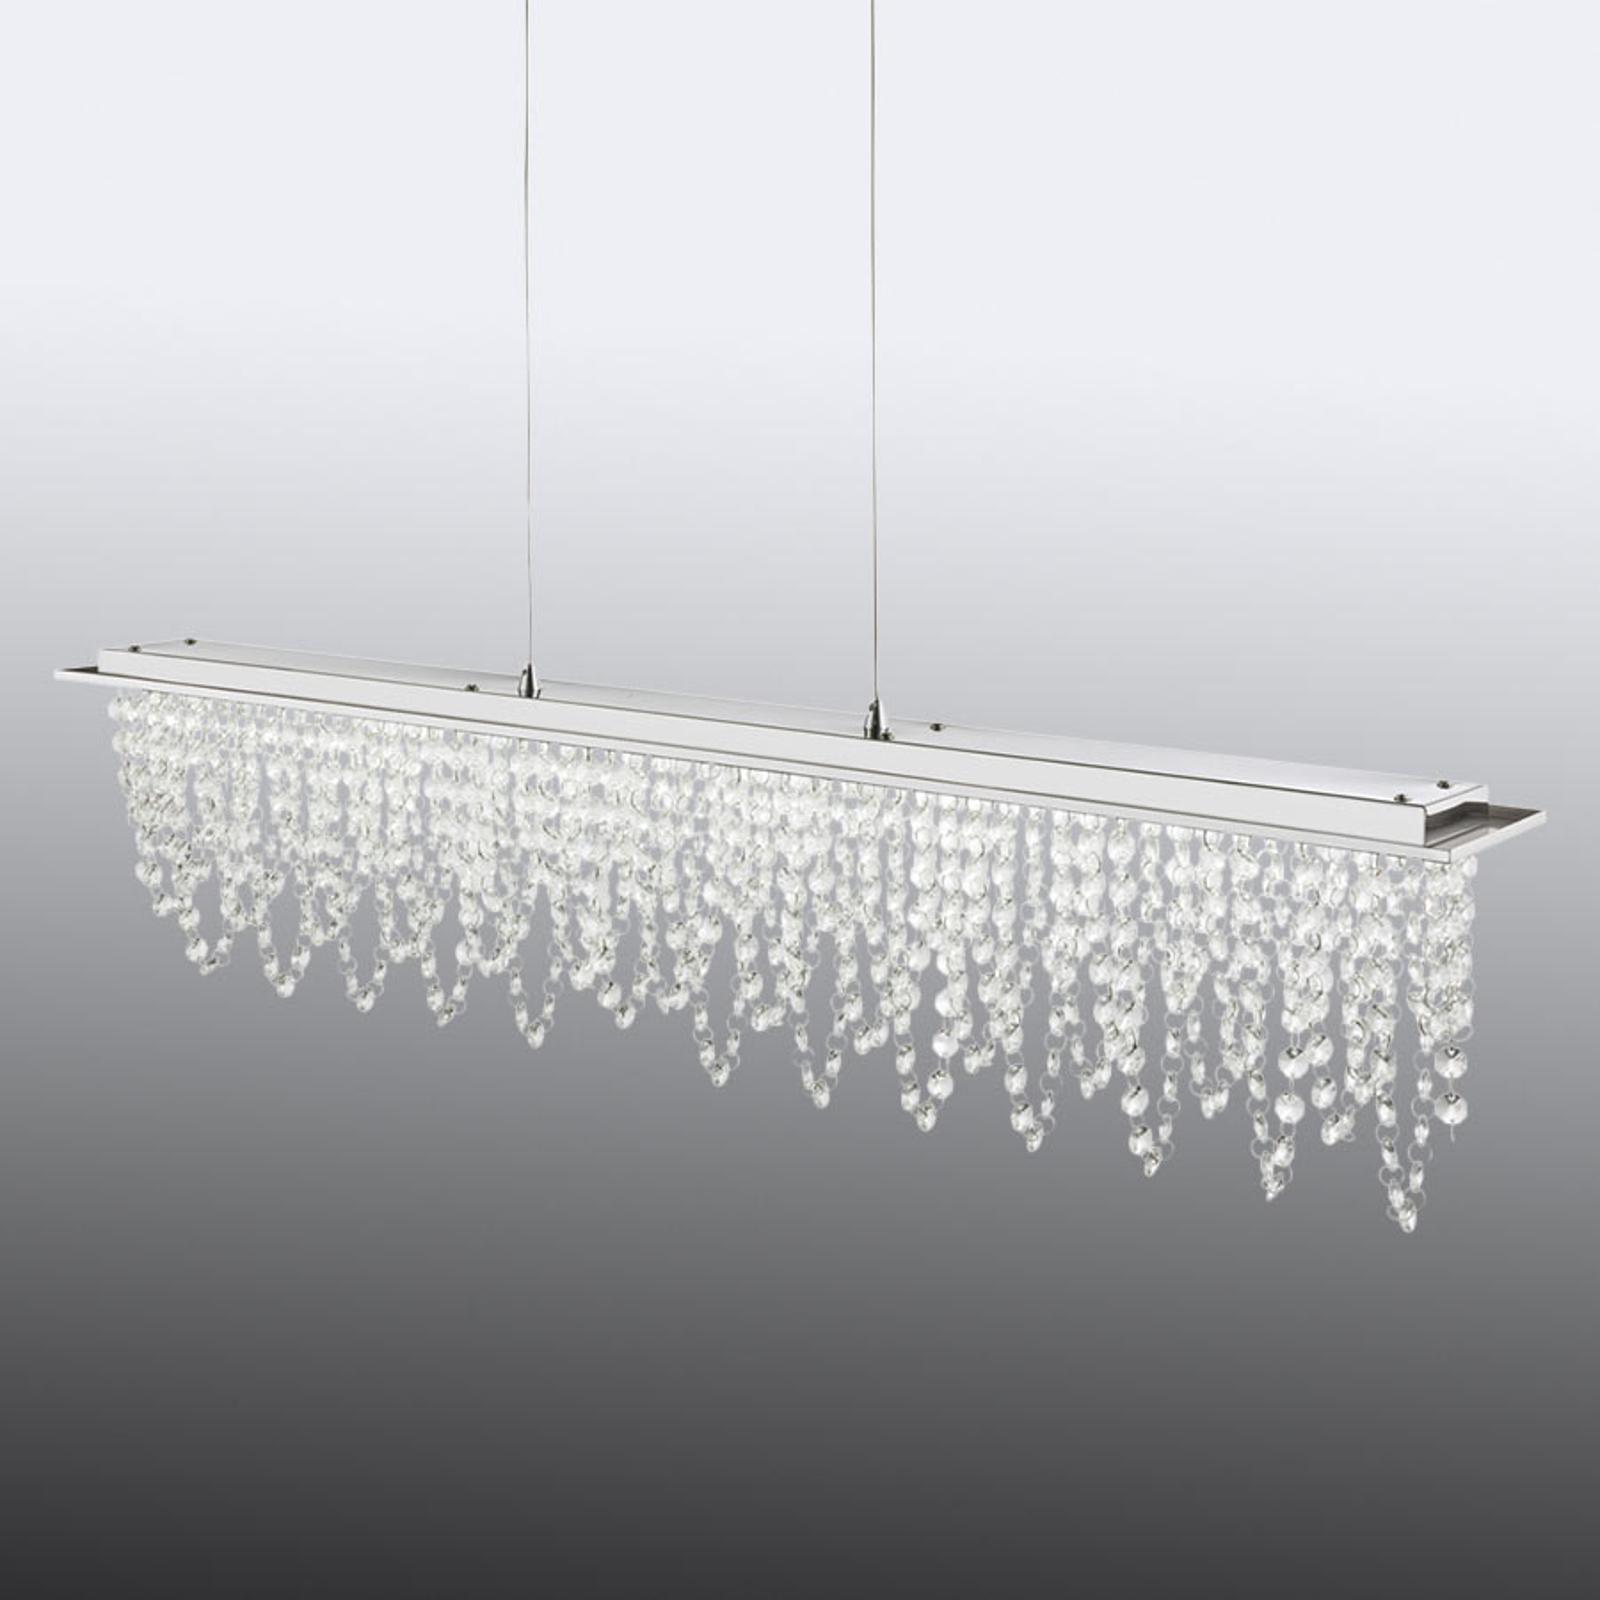 Trzystopniowo regulowana lampa wisząca LED Scala